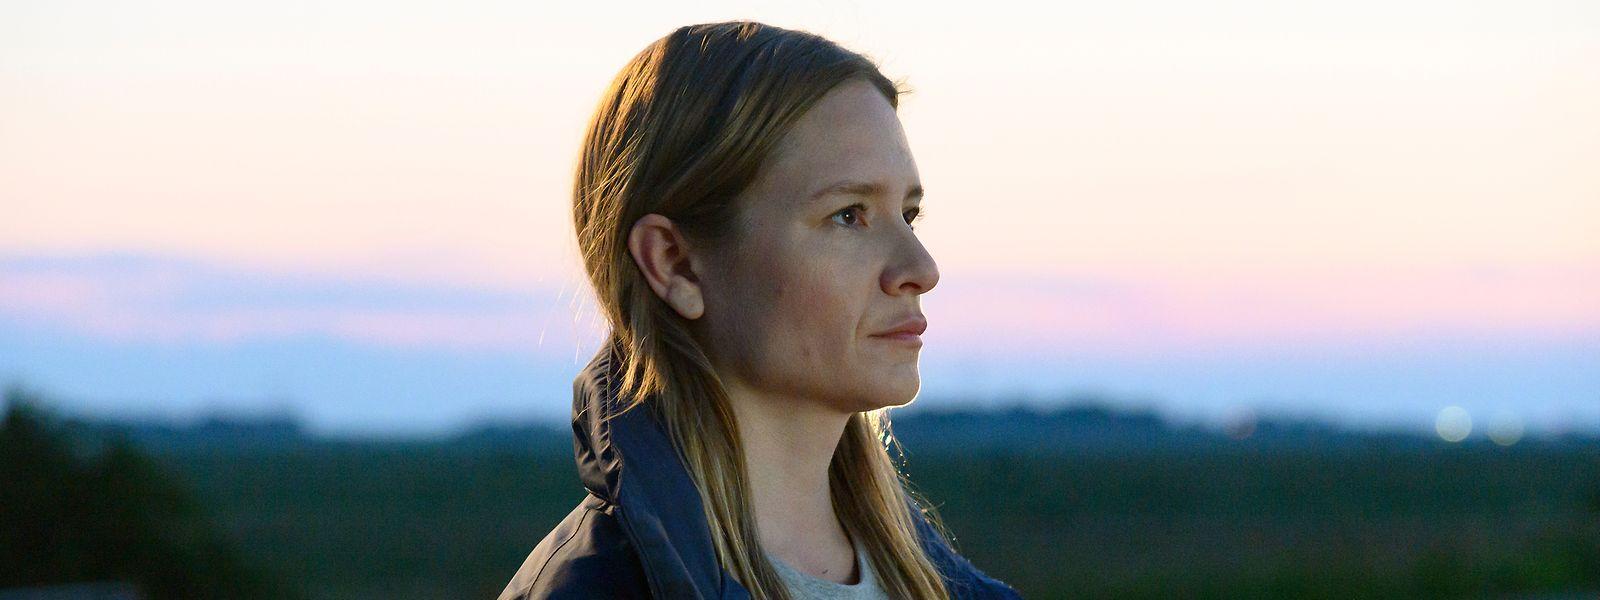 Gedankenspiele: Ann Kathrin Klaasen (Julia Jentsch) fühlt sich in die Rolle der Opfer hinein, um dem Täter nachzuspüren.